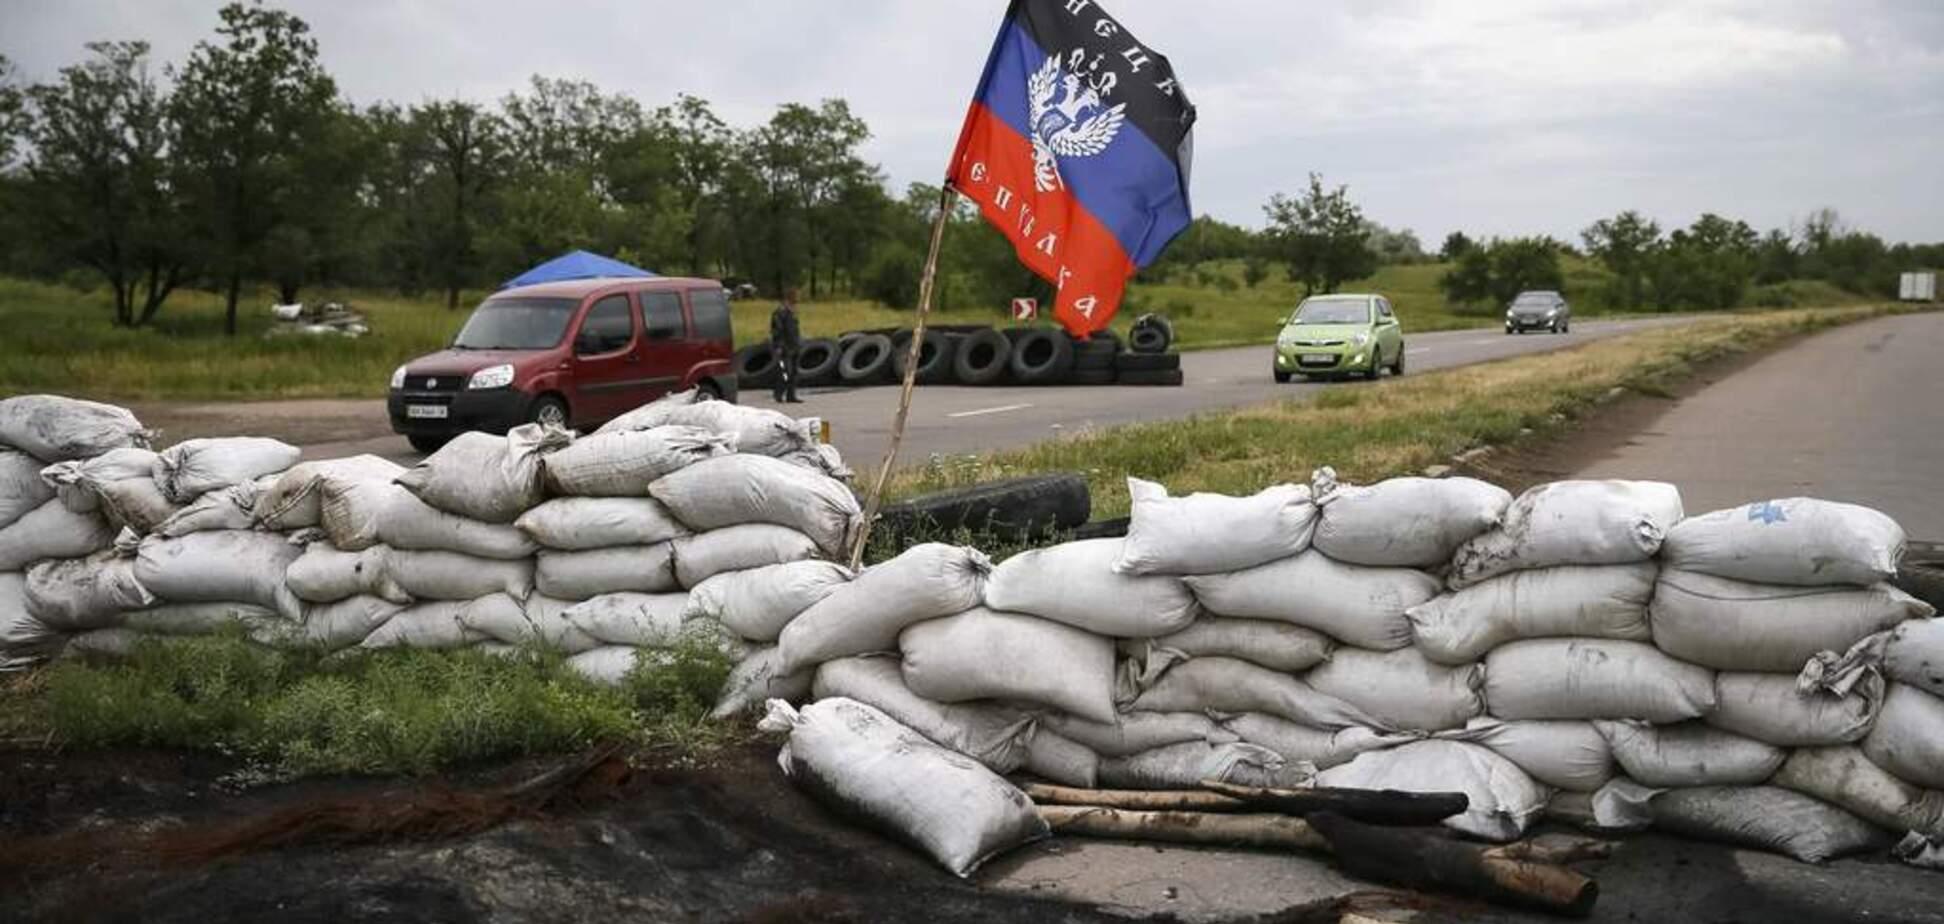 'Ходячие мертвецы': донецкий блогер рассказал об опасной контрабанде из России